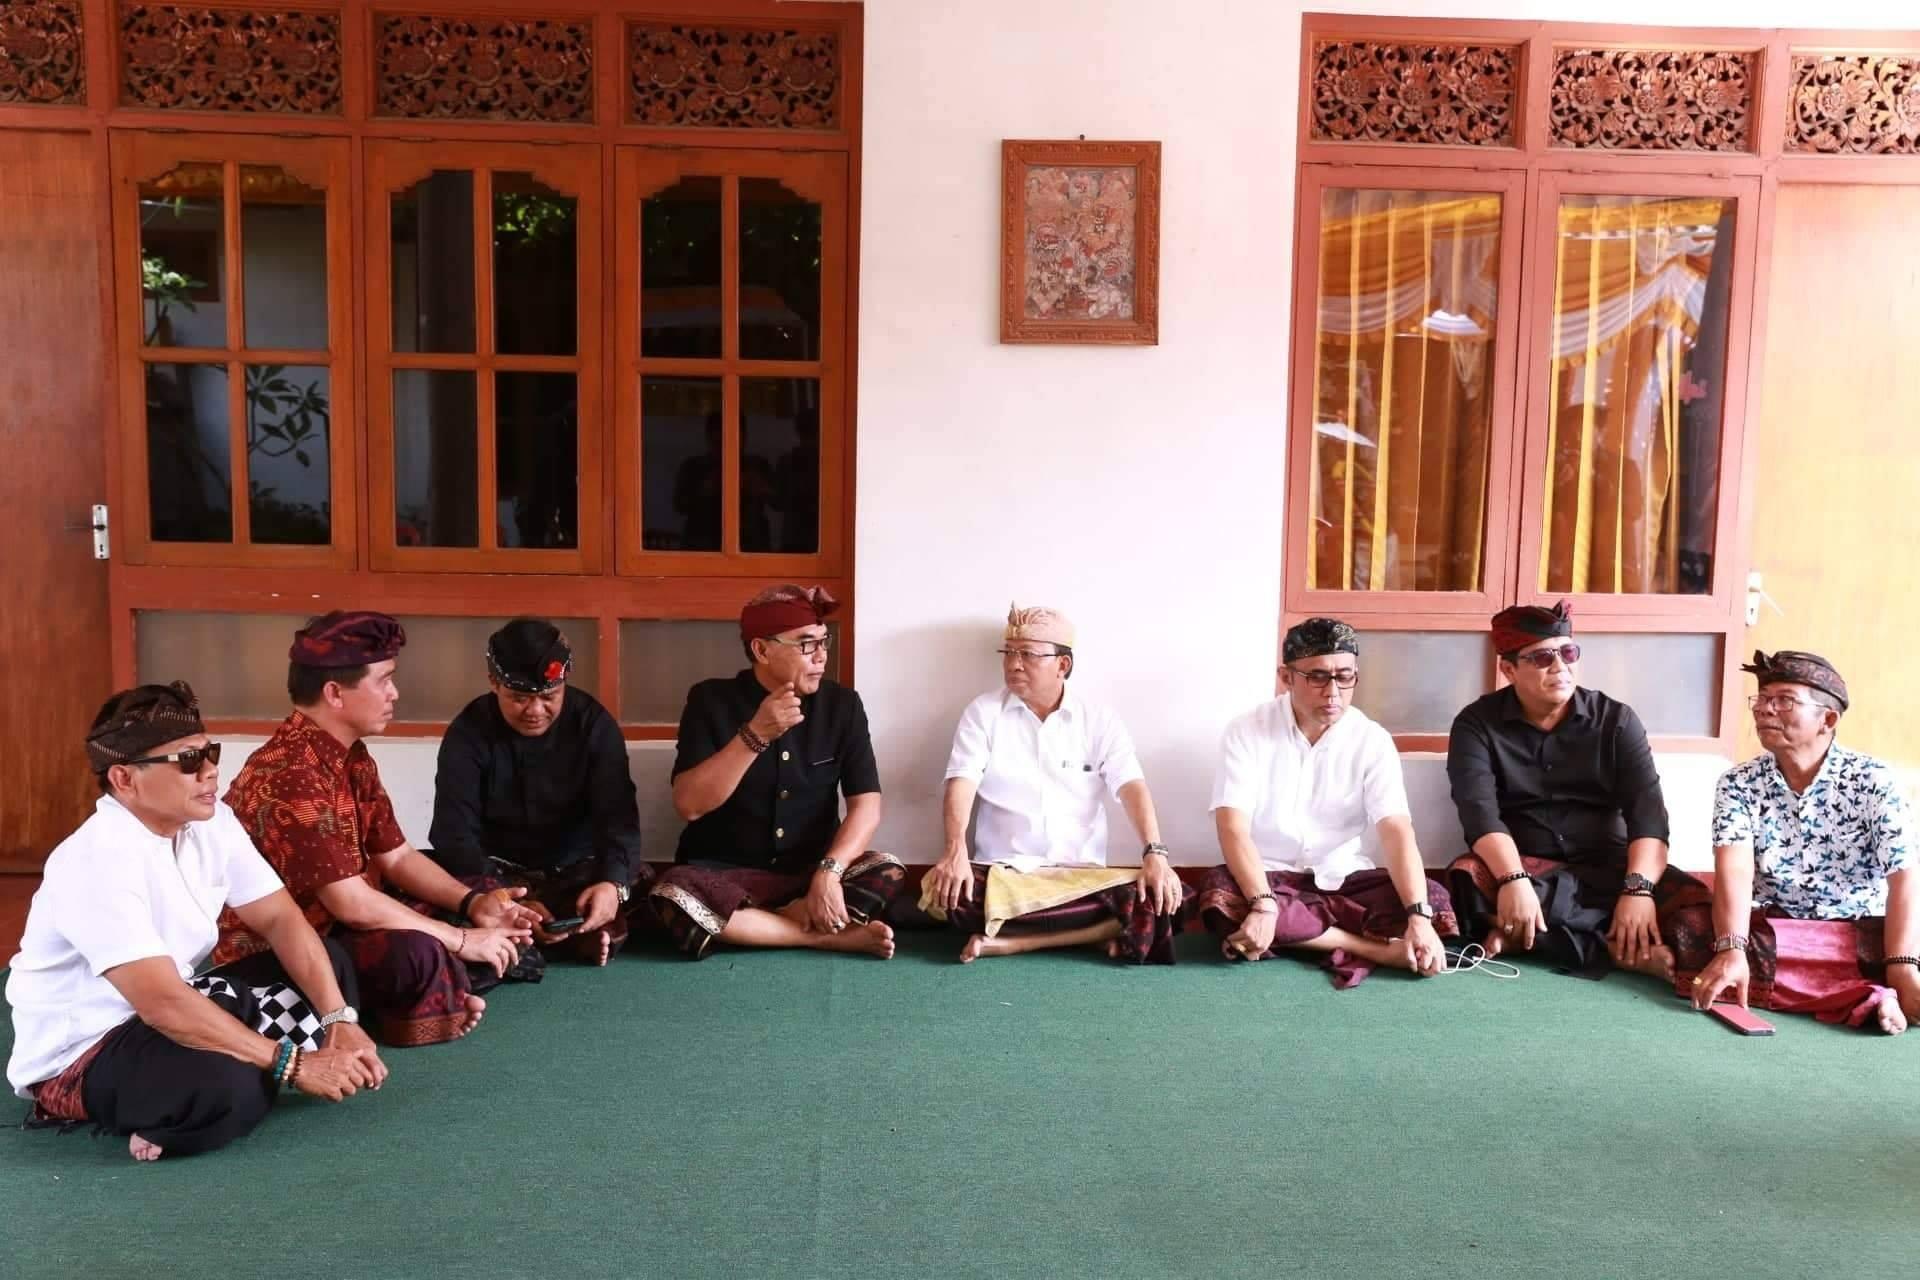 Bupati Klungkung dan Wakil Bupati Klungkung bersama Kasta melayat ke rumah duka Alm. Tjokorda Istri